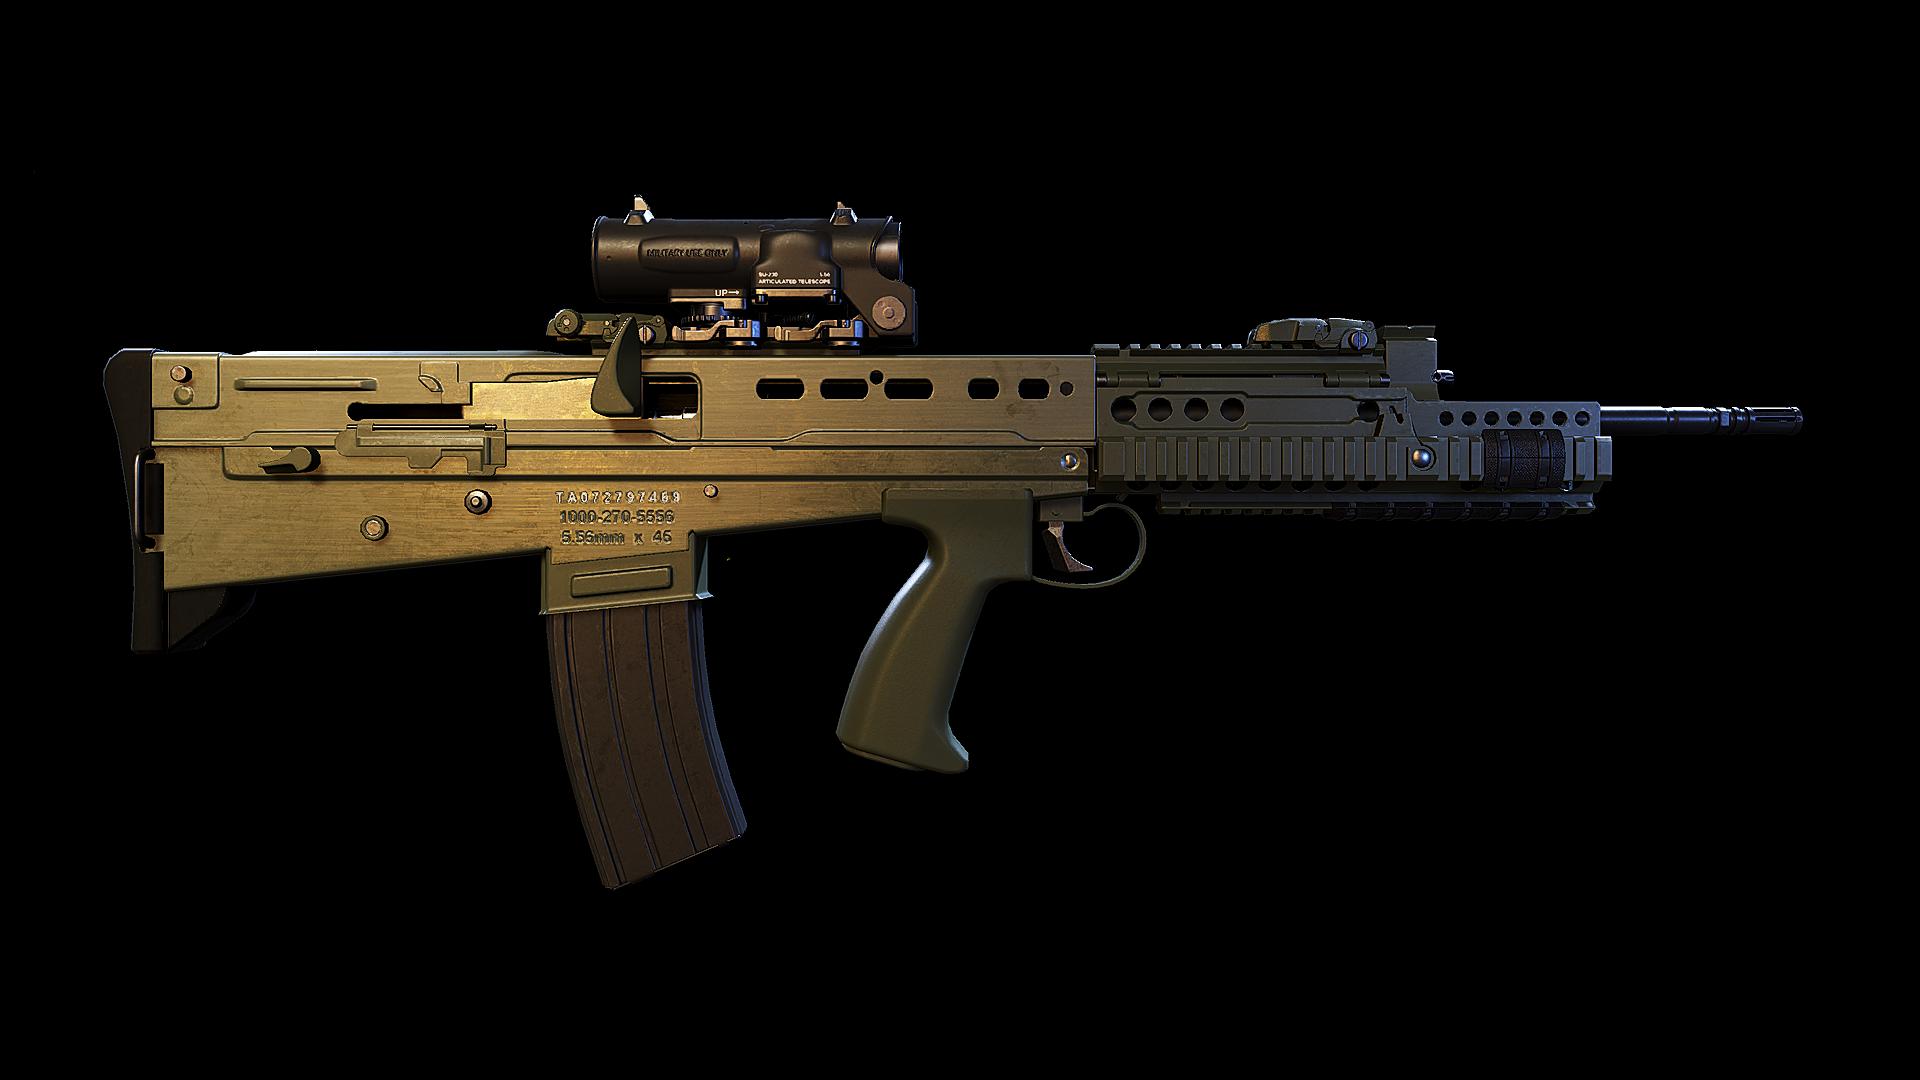 SA-80/Ghost Recon Wildlands